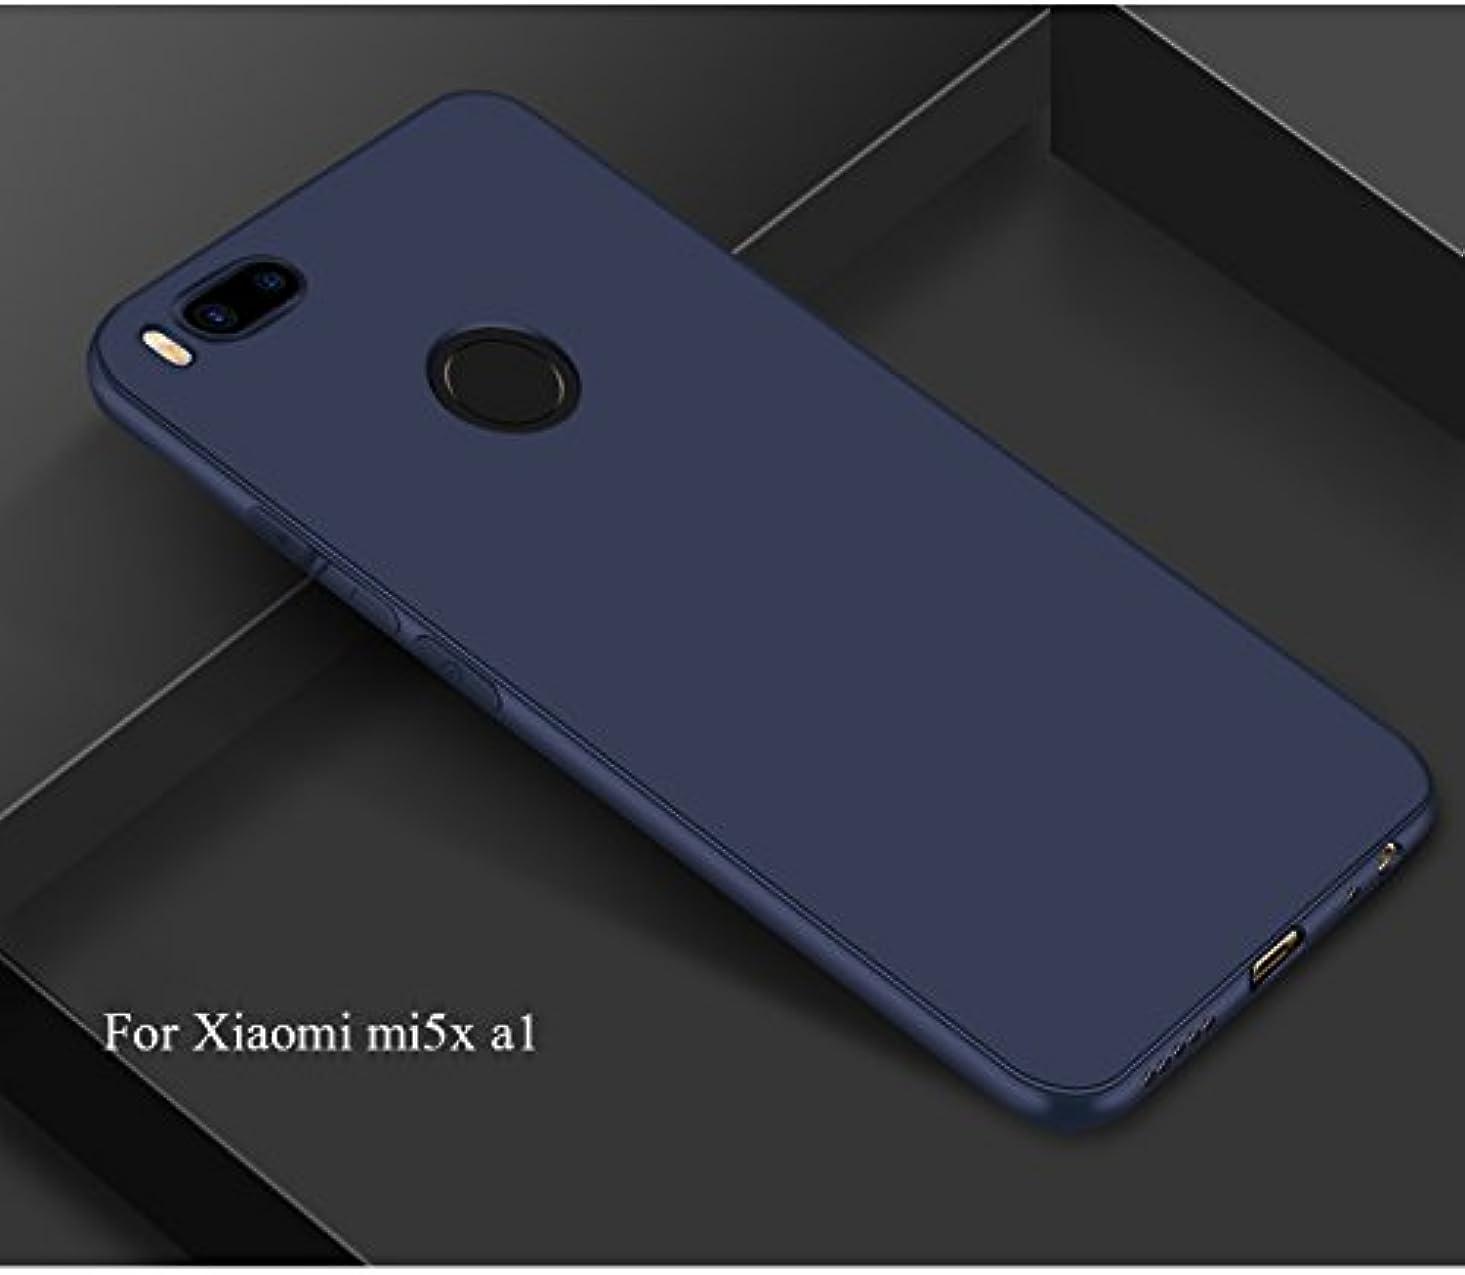 本会議考えセーターJicorzo - 小米科技MI6 MI 6 M6用小米科技マイル5倍Mi5x電話カバー用1ケース超薄型フロストソフトシリコンTPUケースA1小米科技マイル